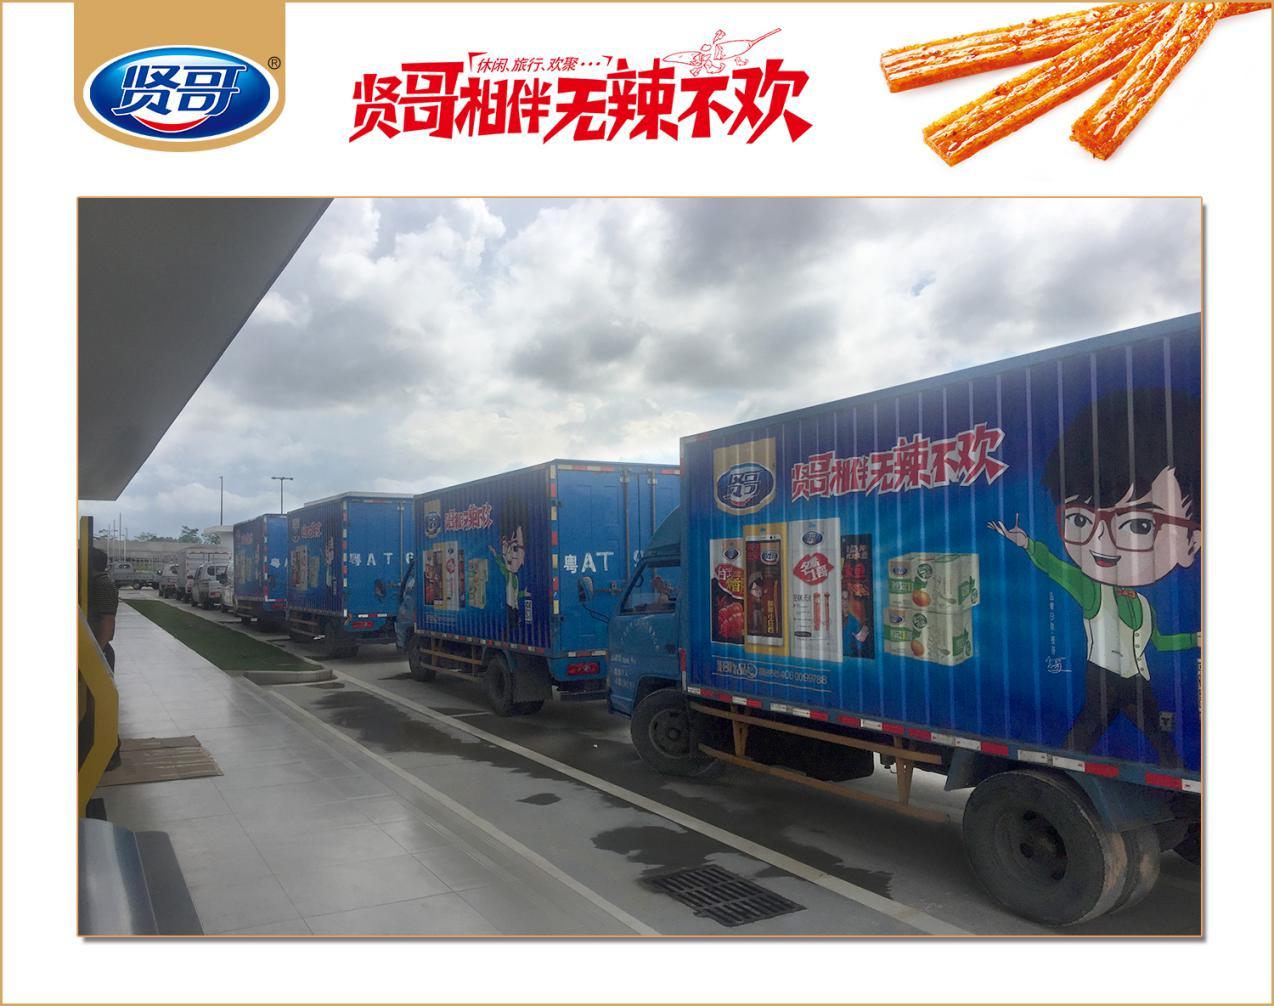 贤哥食品强化市场建设,实施品牌战略